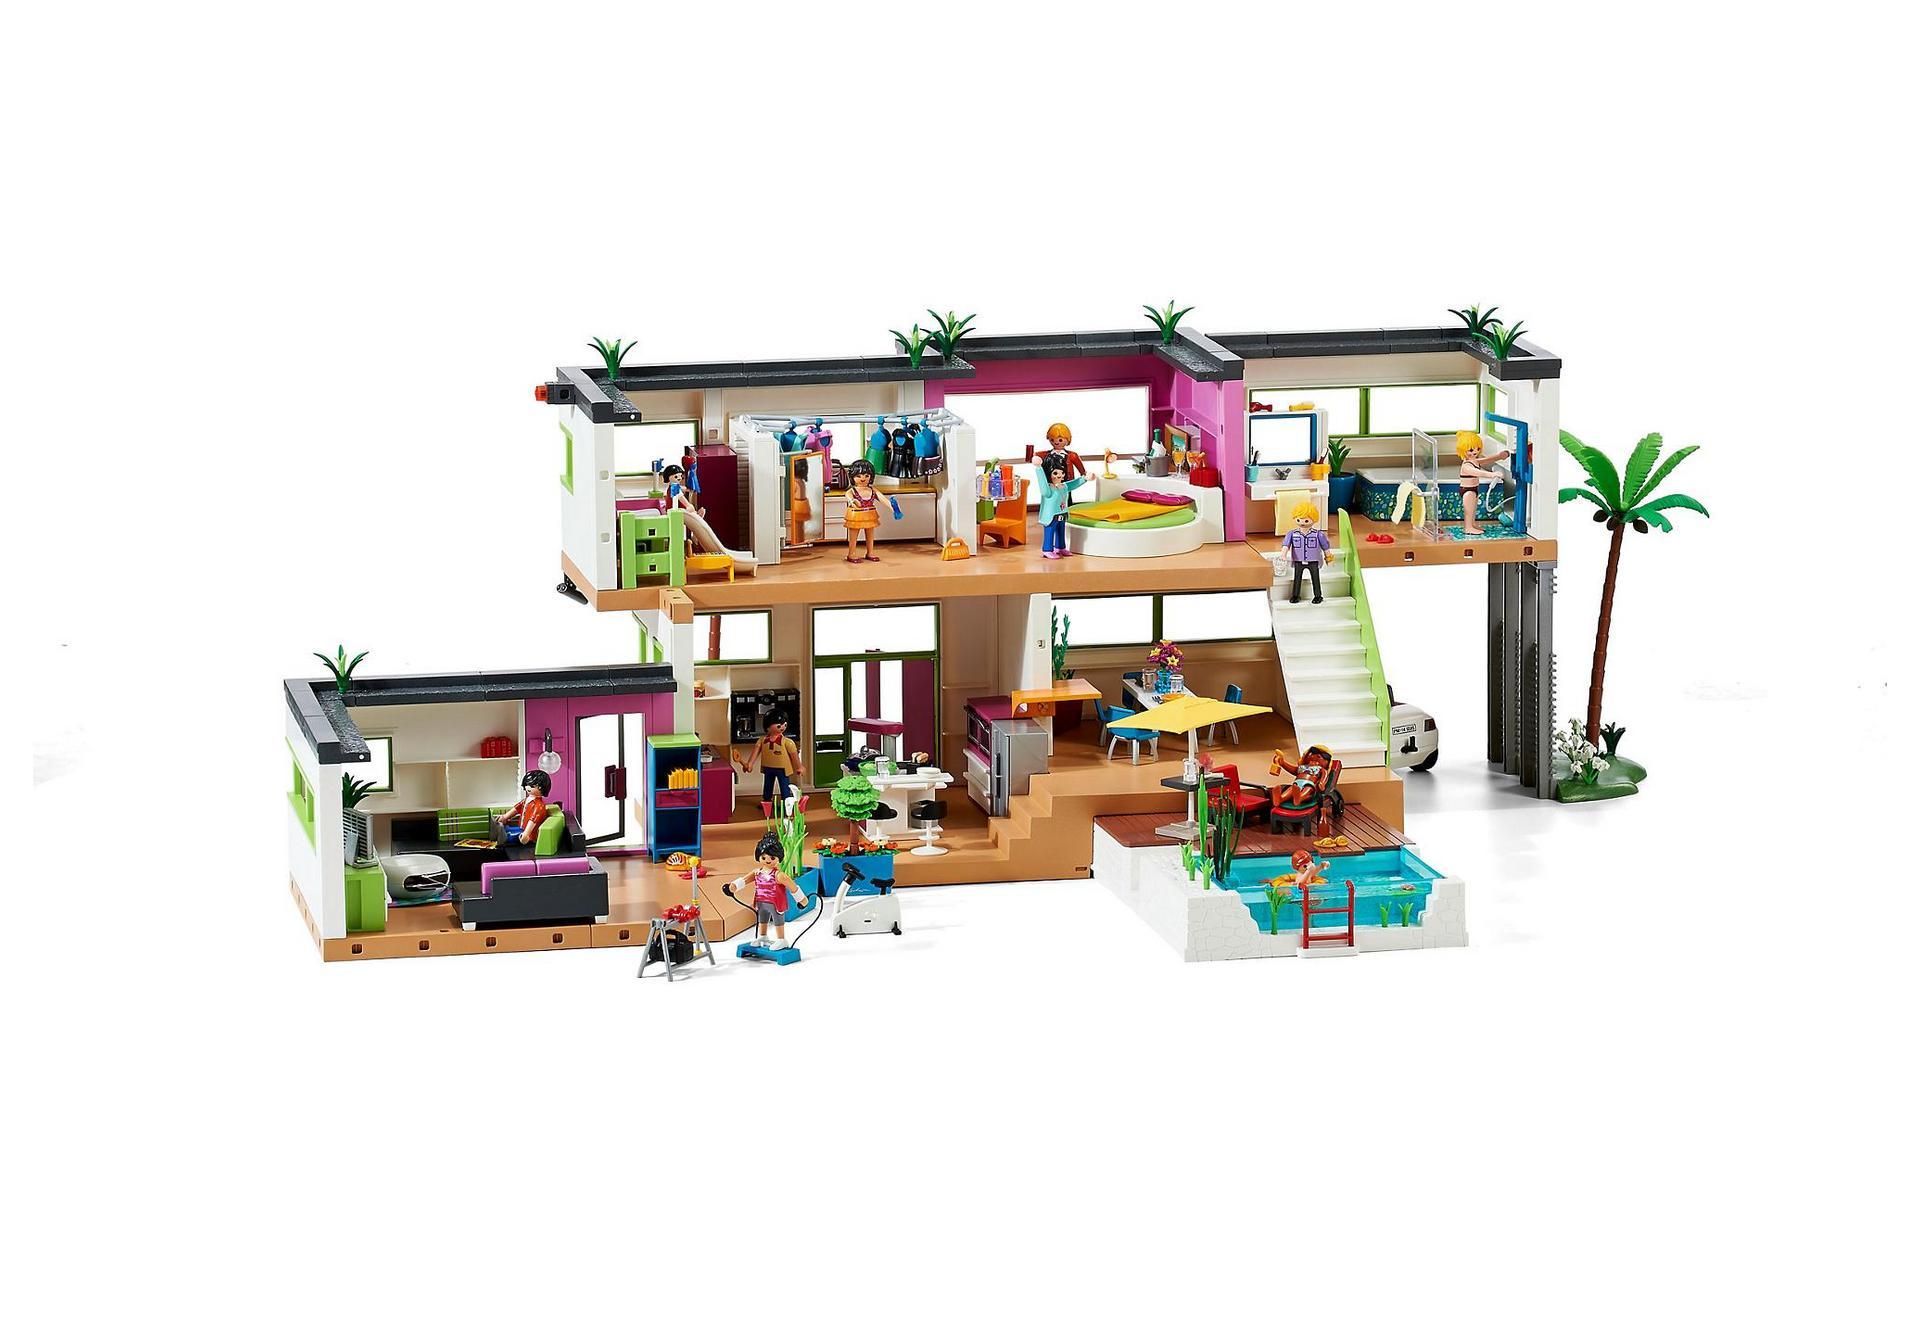 Design De Maison Minimaliste: Photo Maison Moderne Playmobil ...